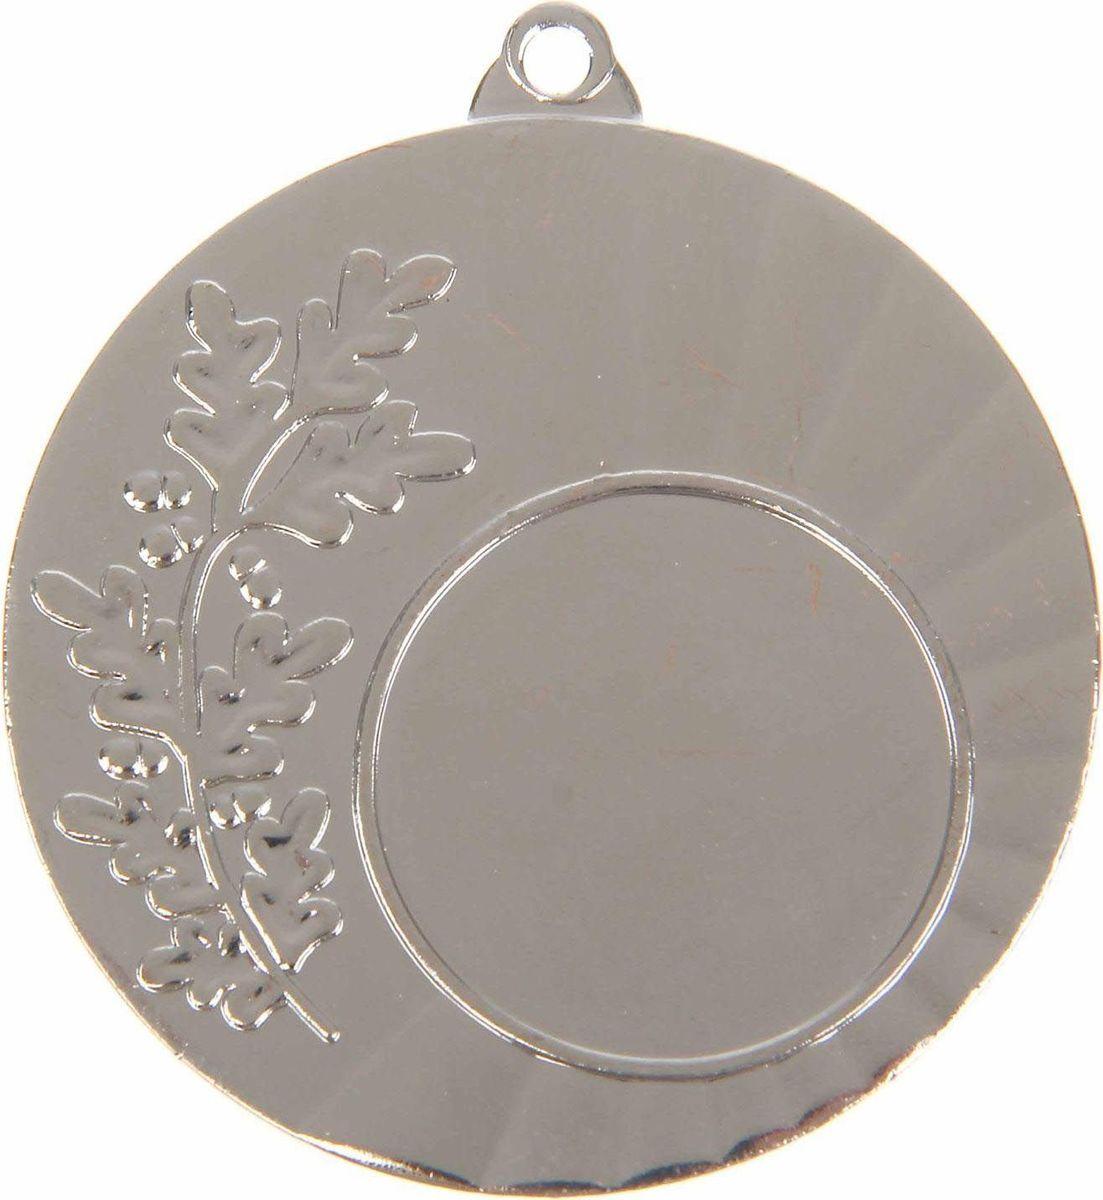 Медаль сувенирная с местом для гравировки, цвет: серебристый, диаметр 4,5 см. 0251108698Медаль — знак отличия, которым награждают самых достойных. Она вручается лишь тем, кто проявил настойчивость и волю к победе. Каждое достижение — это важное событие, которое должно остаться в памяти на долгие годы. Любое спортивное состязание, профессиональное или среди любителей, любое корпоративное мероприятие — отличный повод для того, чтобы отметить лучших из лучших. Характеристики:Диаметр медали: 4,5 см Диаметр вкладыша (лицо): 2,5 см Диаметр вкладыша (оборот): 4 см. Пусть любая победа будет отмечена соответствующей наградой!